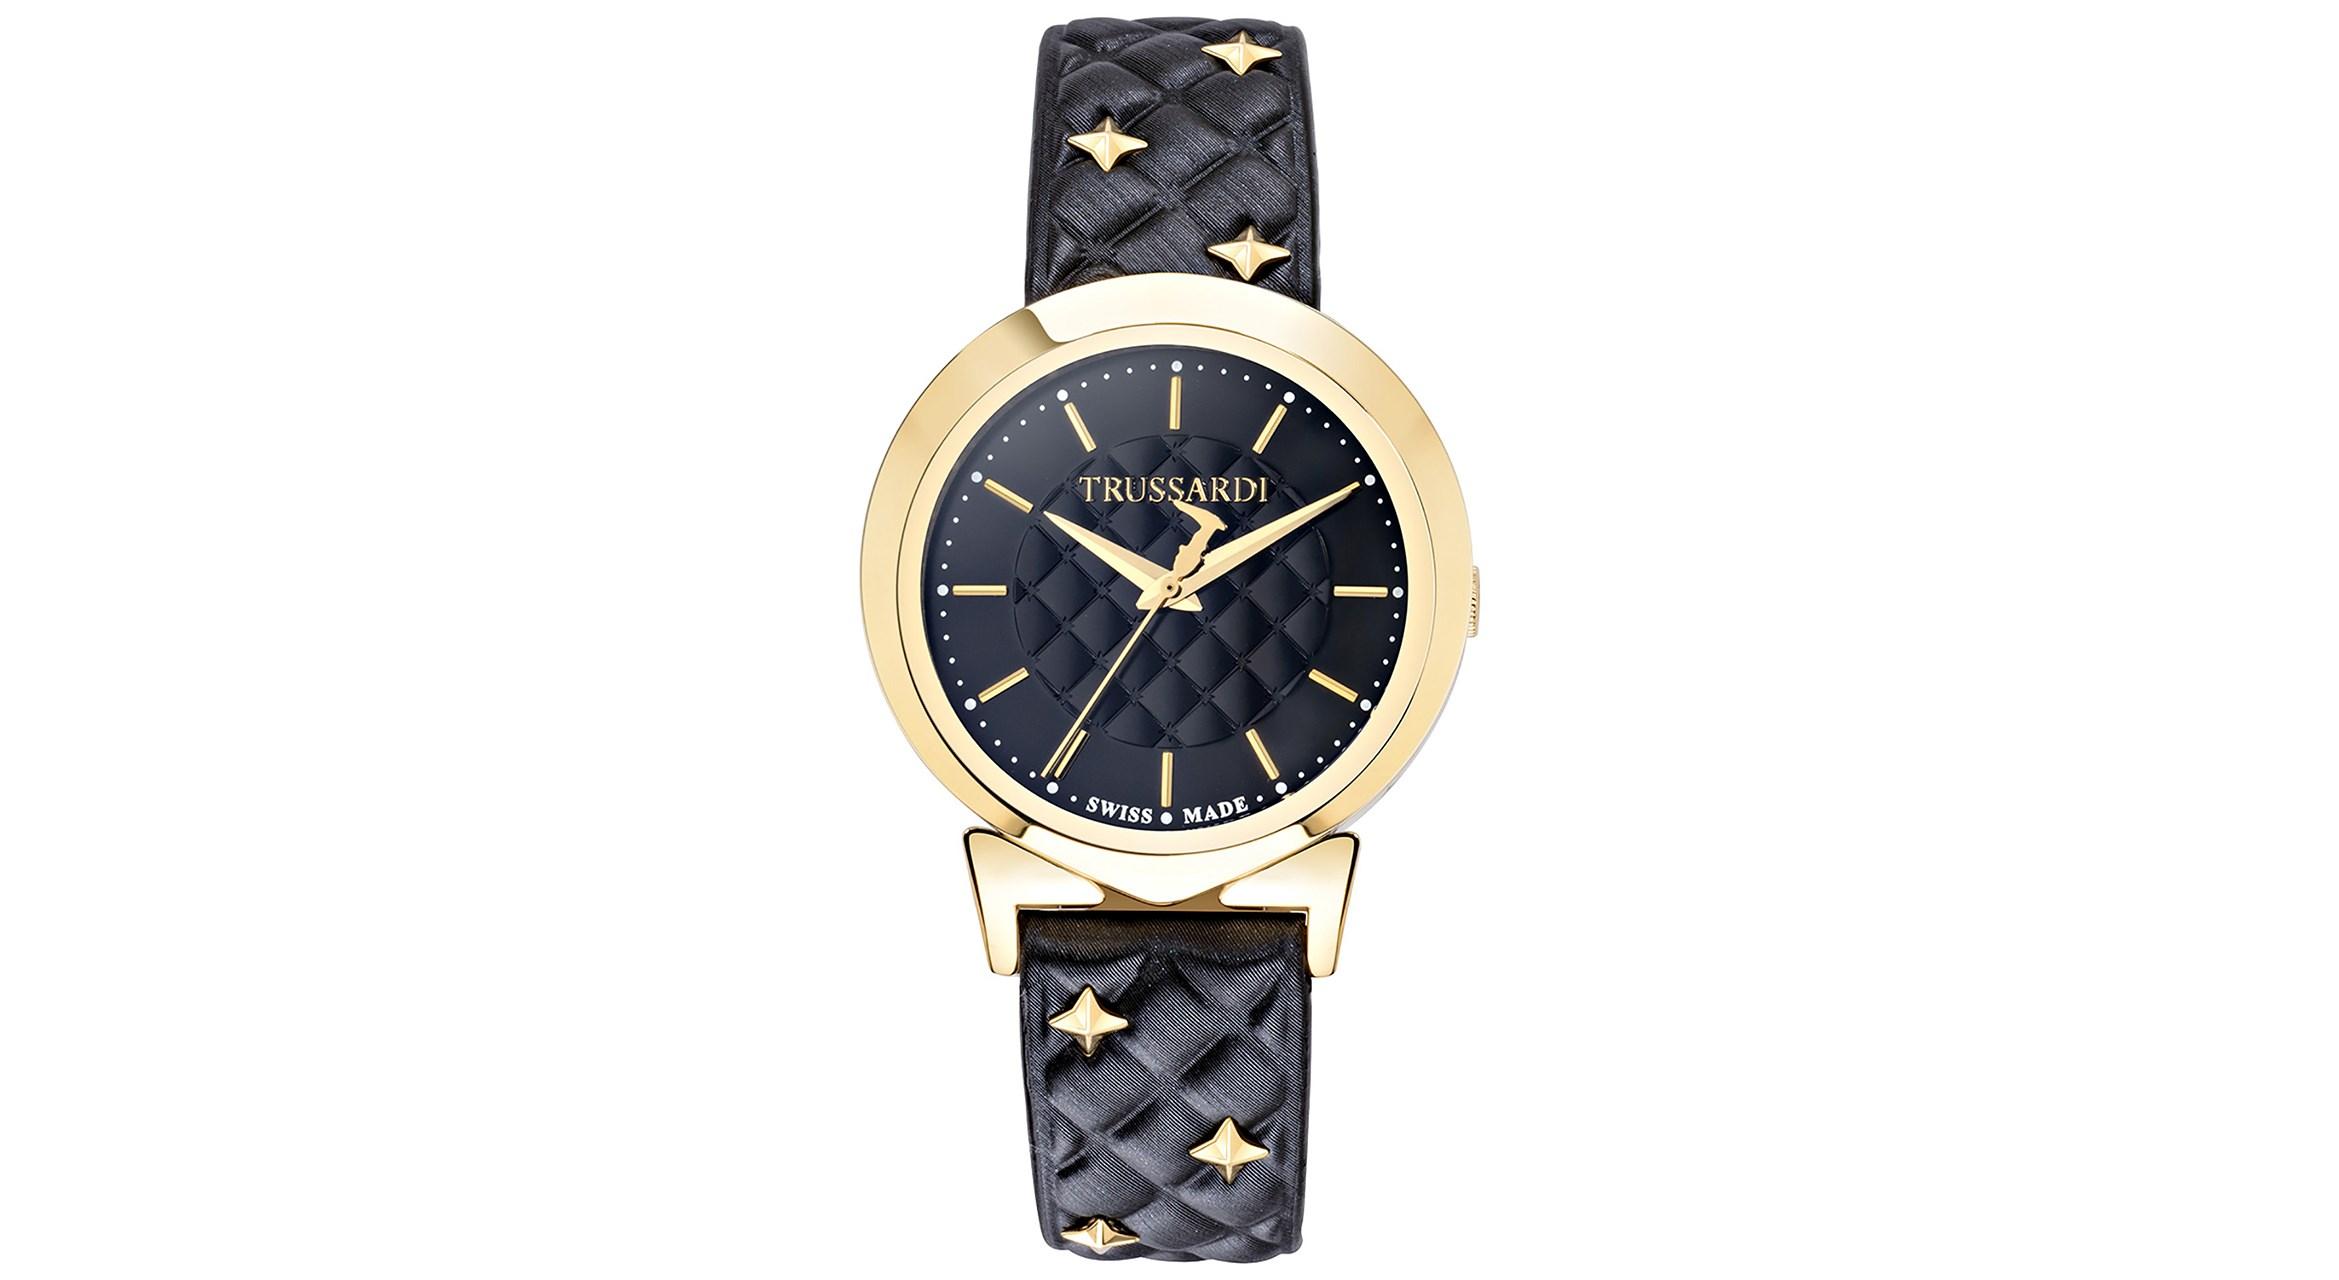 ساعت زنانه برند تروساردی مدل TR-R2451105501